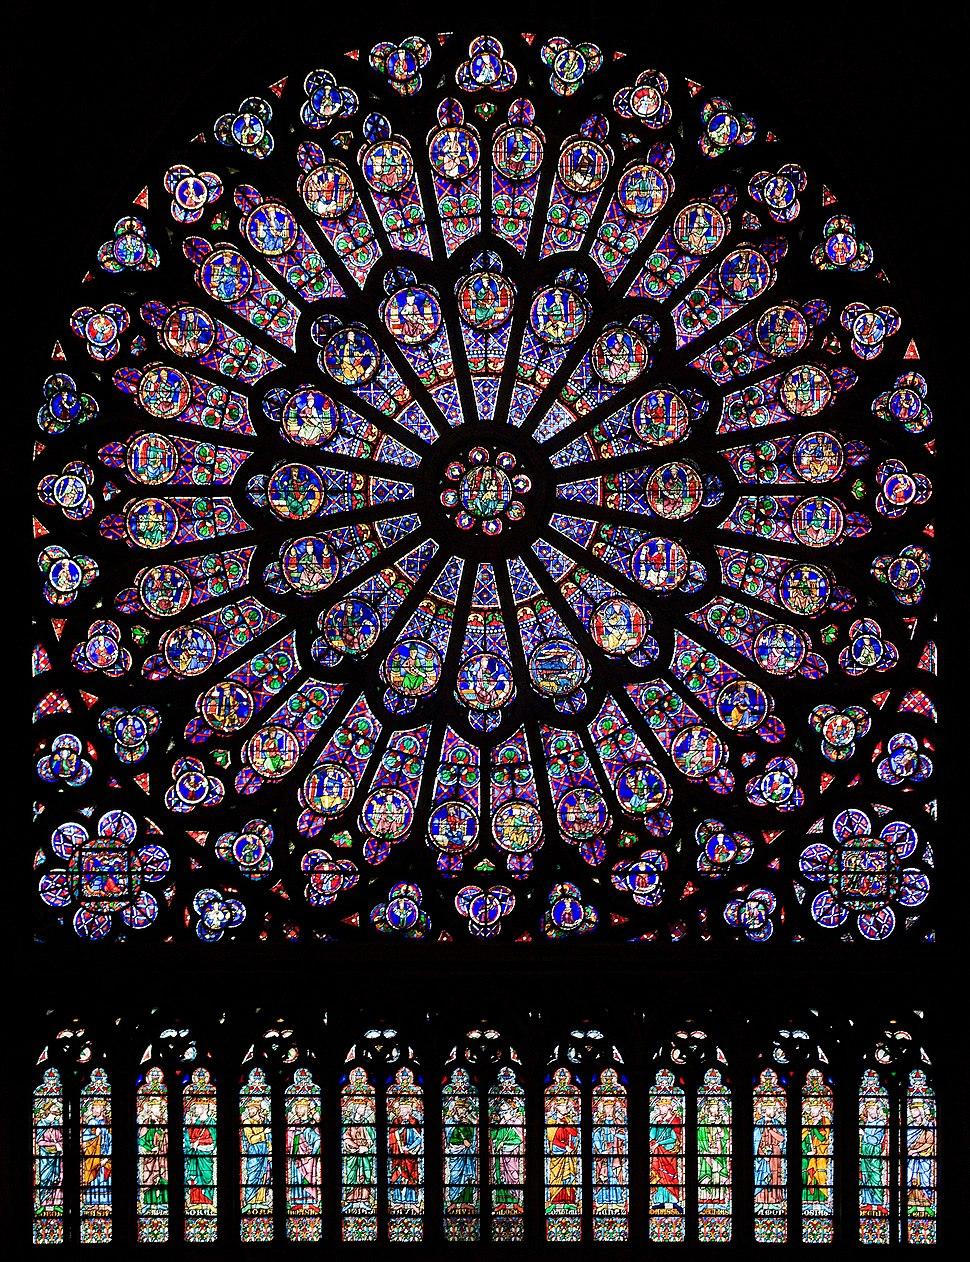 North rose window of Notre-Dame de Paris, Aug 2010